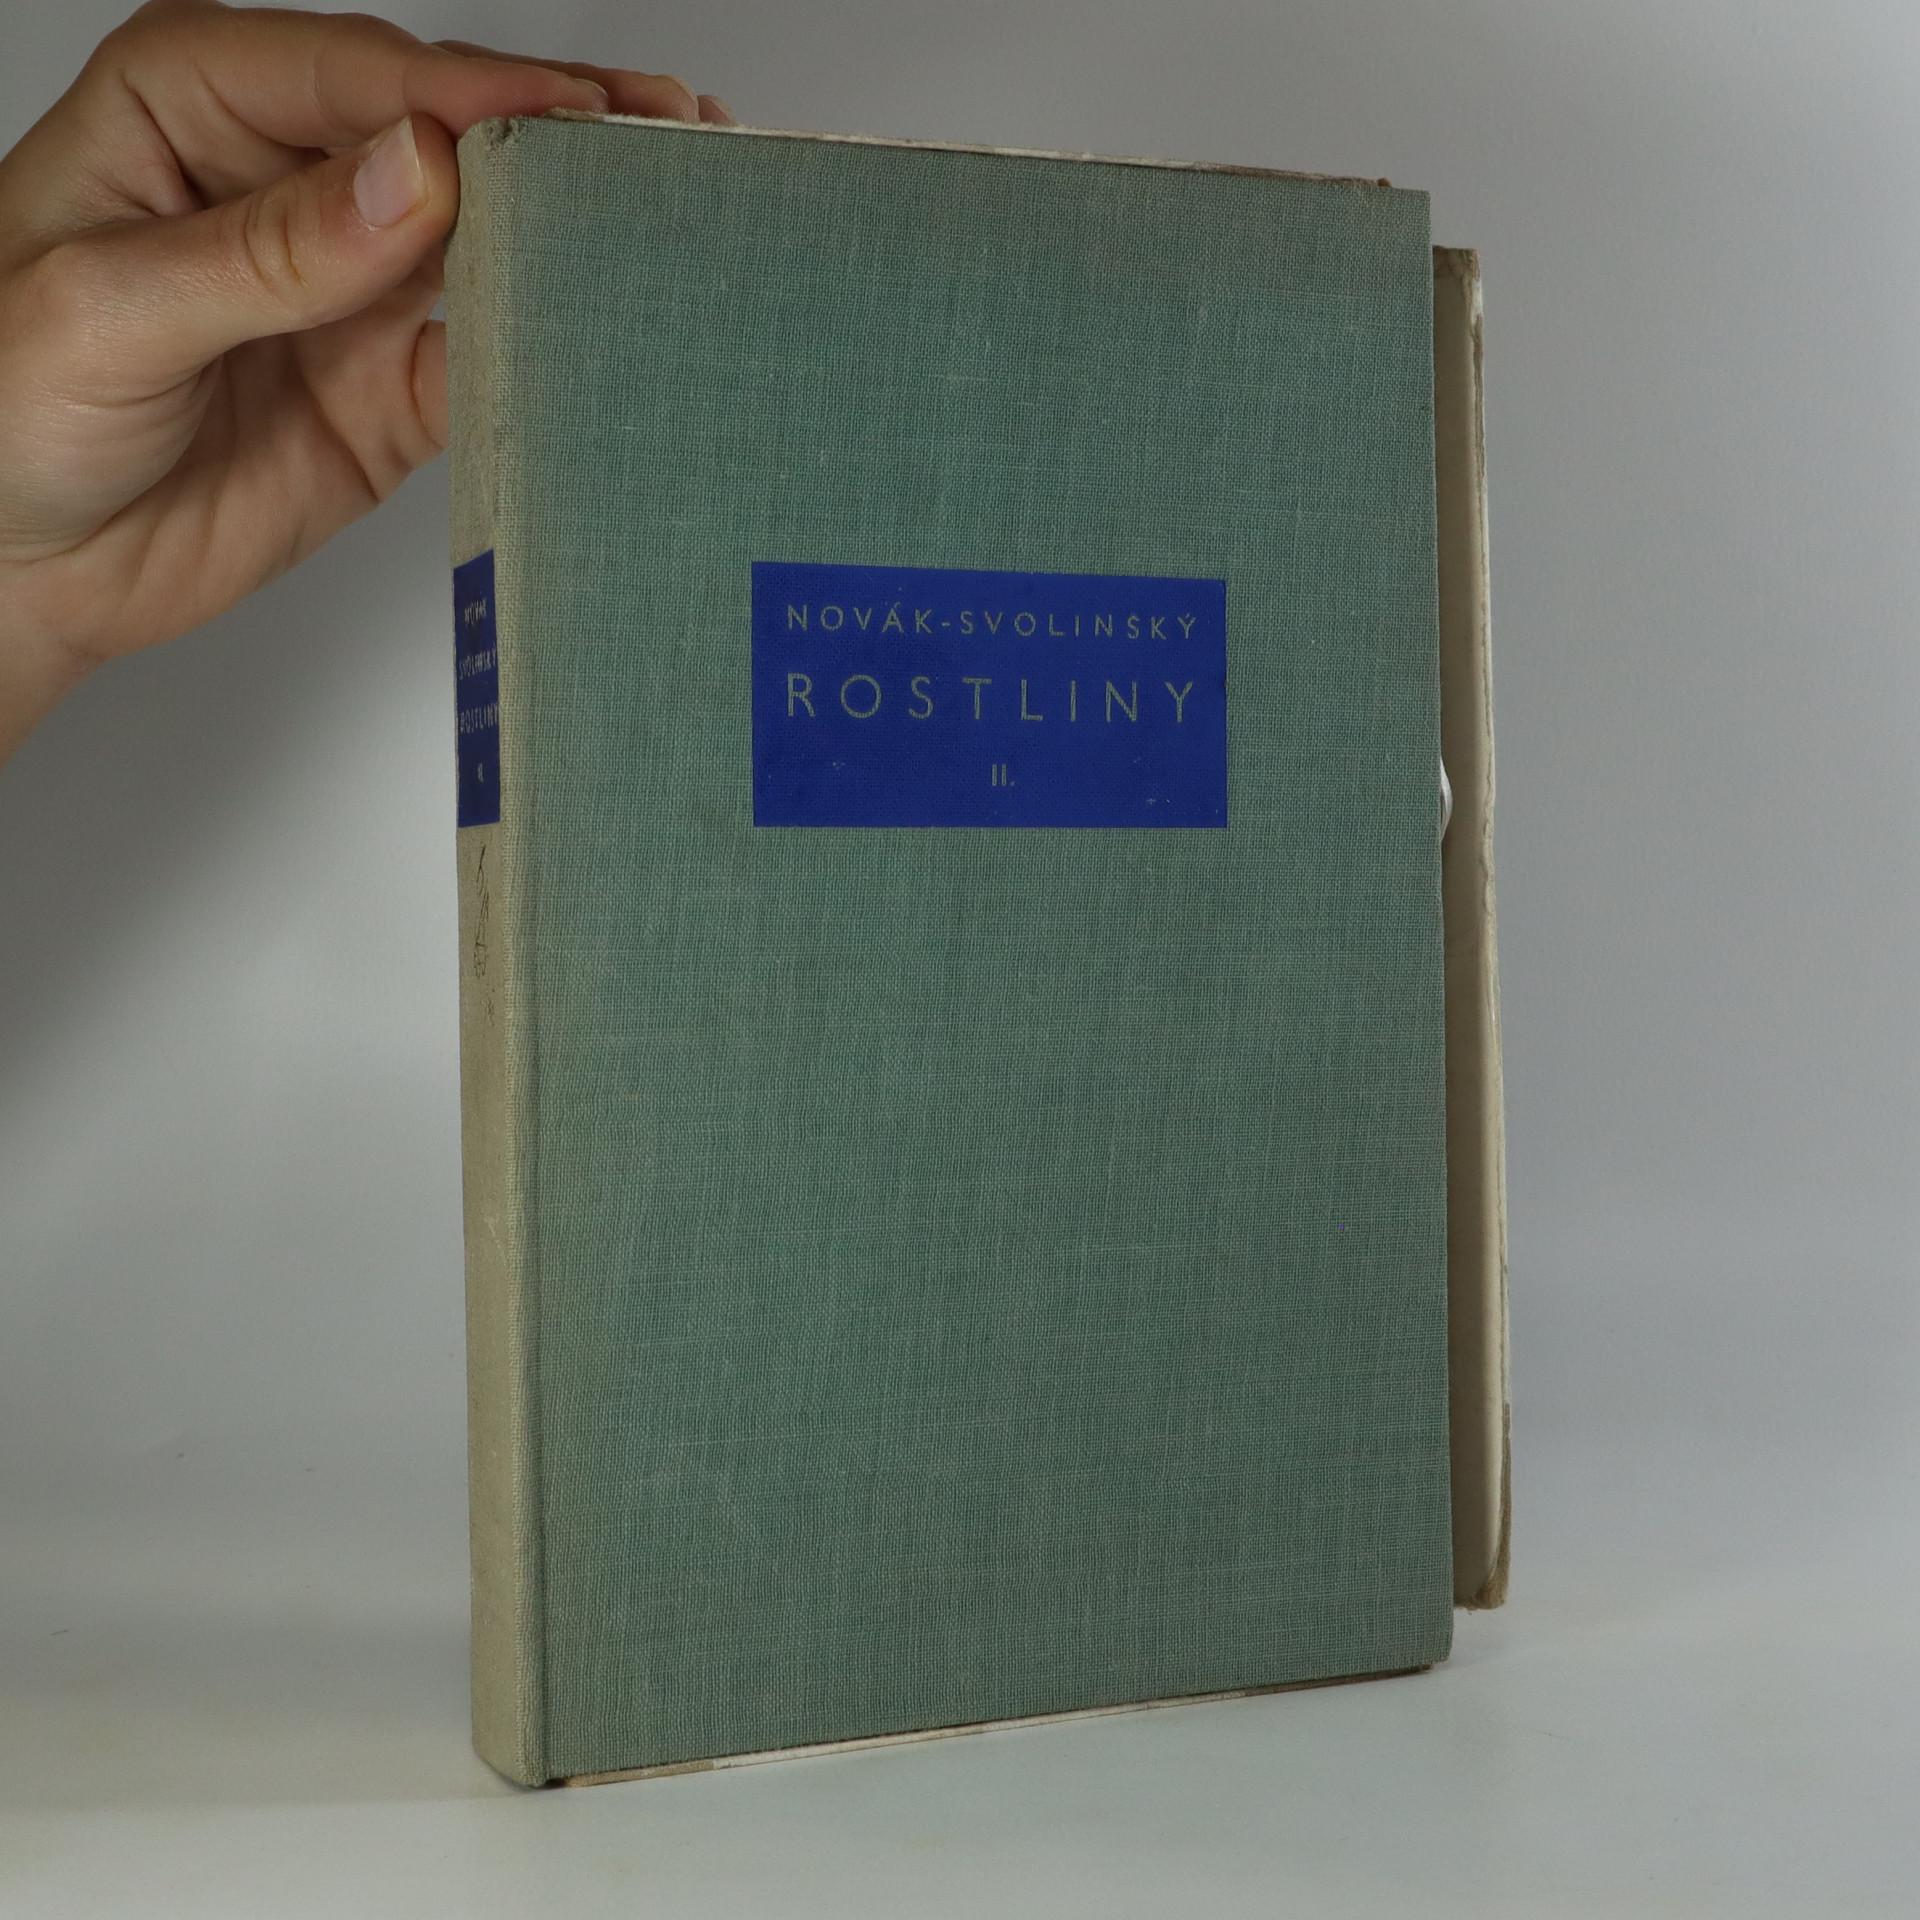 antikvární kniha Naše příroda v obrazech. Díl III., Rostliny 2., 1940